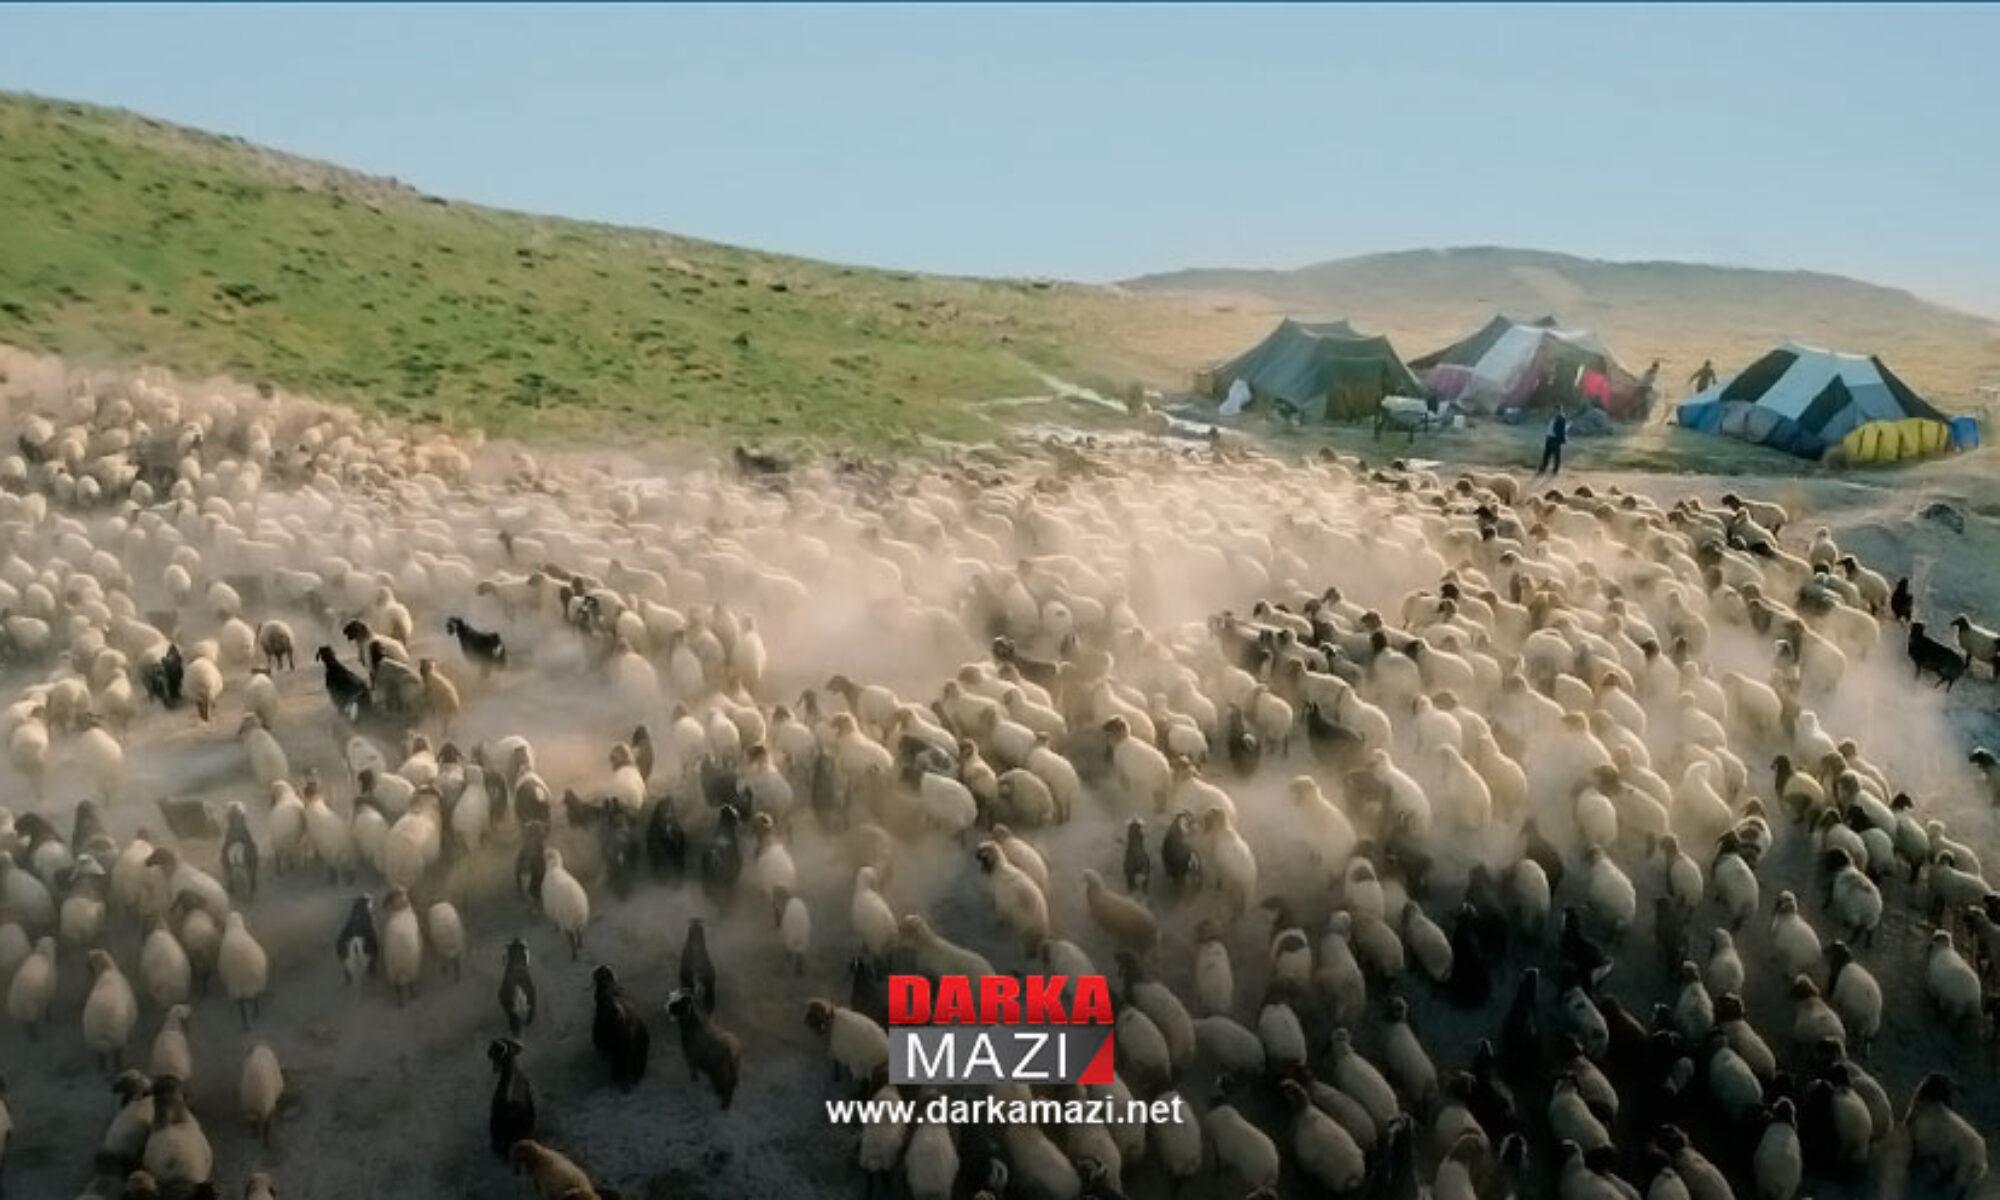 Göçerler Şênê yaylalarından zorla çıkarıldı Şenyayla, Diyarbakır,Muş Diyarbakır Barosu, Nihat Eren